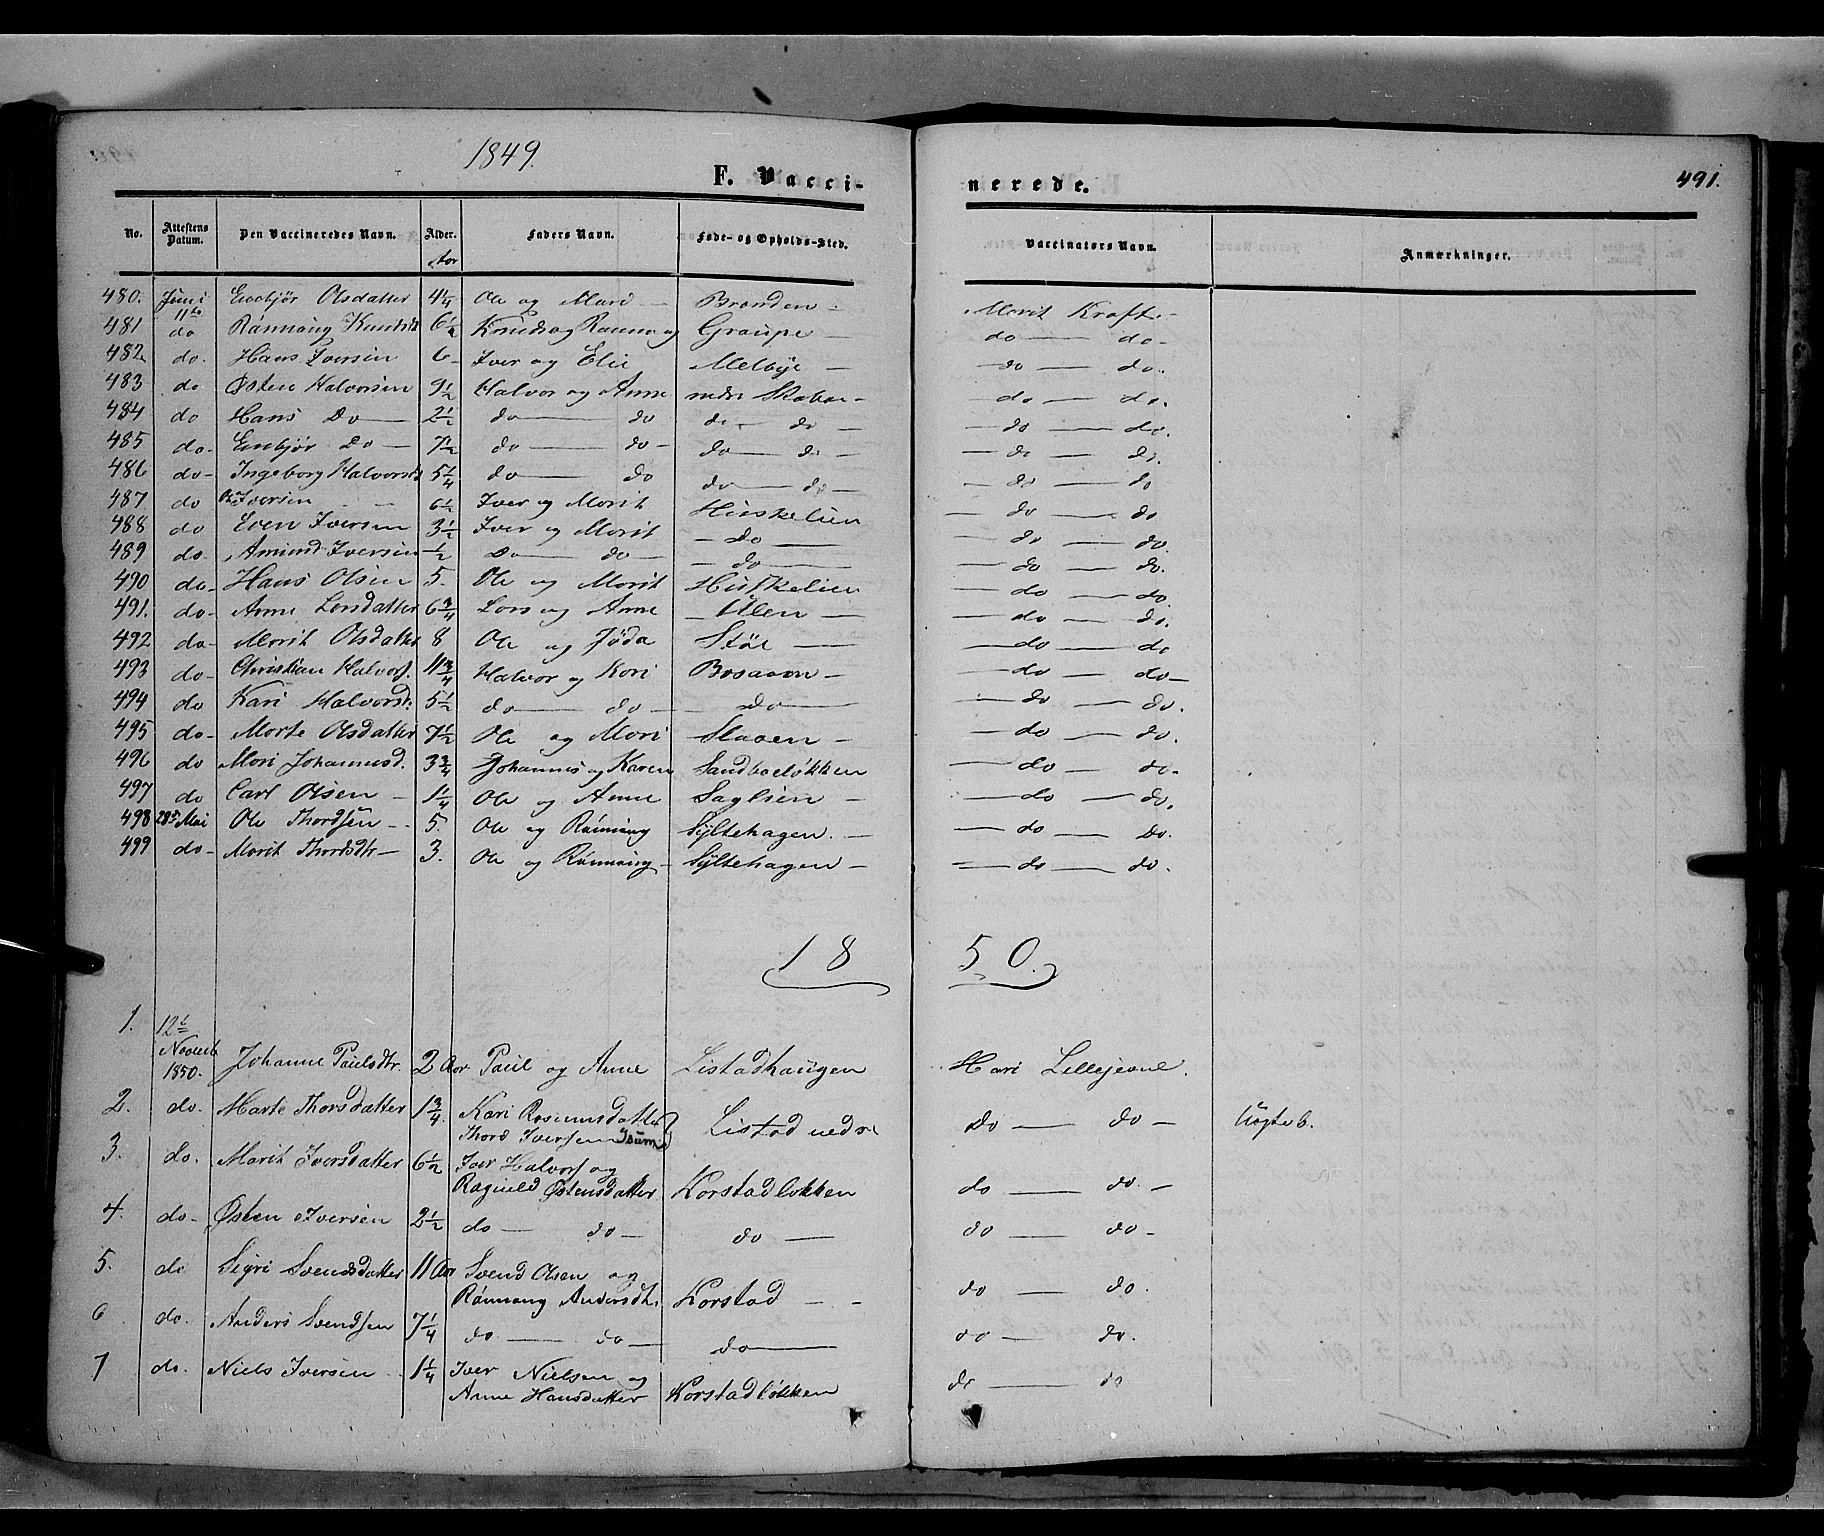 SAH, Sør-Fron prestekontor, H/Ha/Haa/L0001: Ministerialbok nr. 1, 1849-1863, s. 491